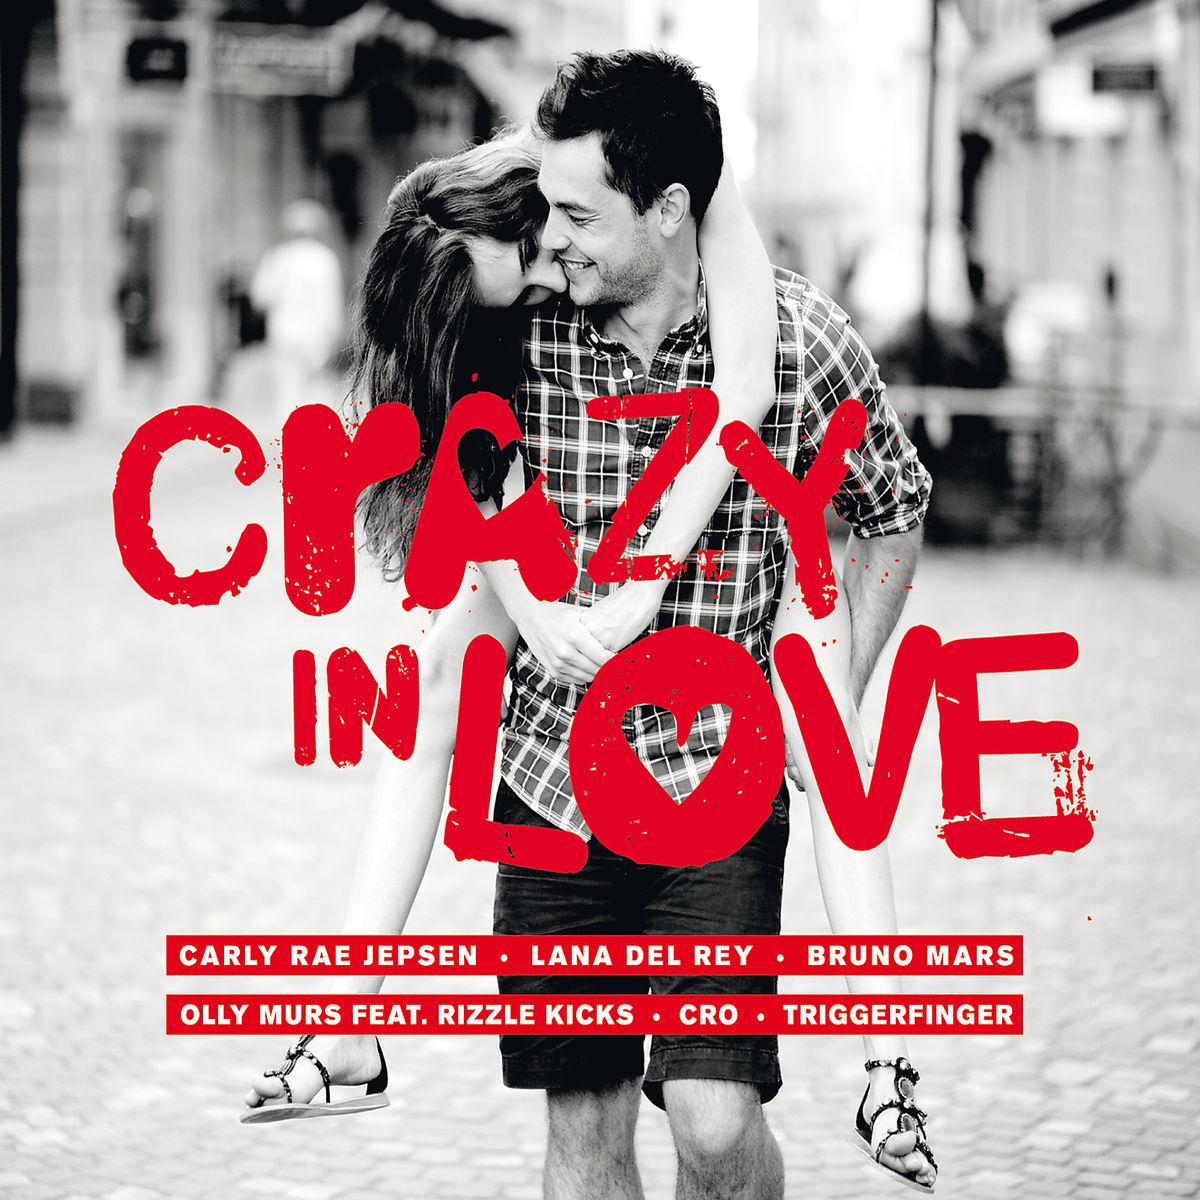 CRAZY IN LOVE – Das junge Pendant zur KuschelRock!